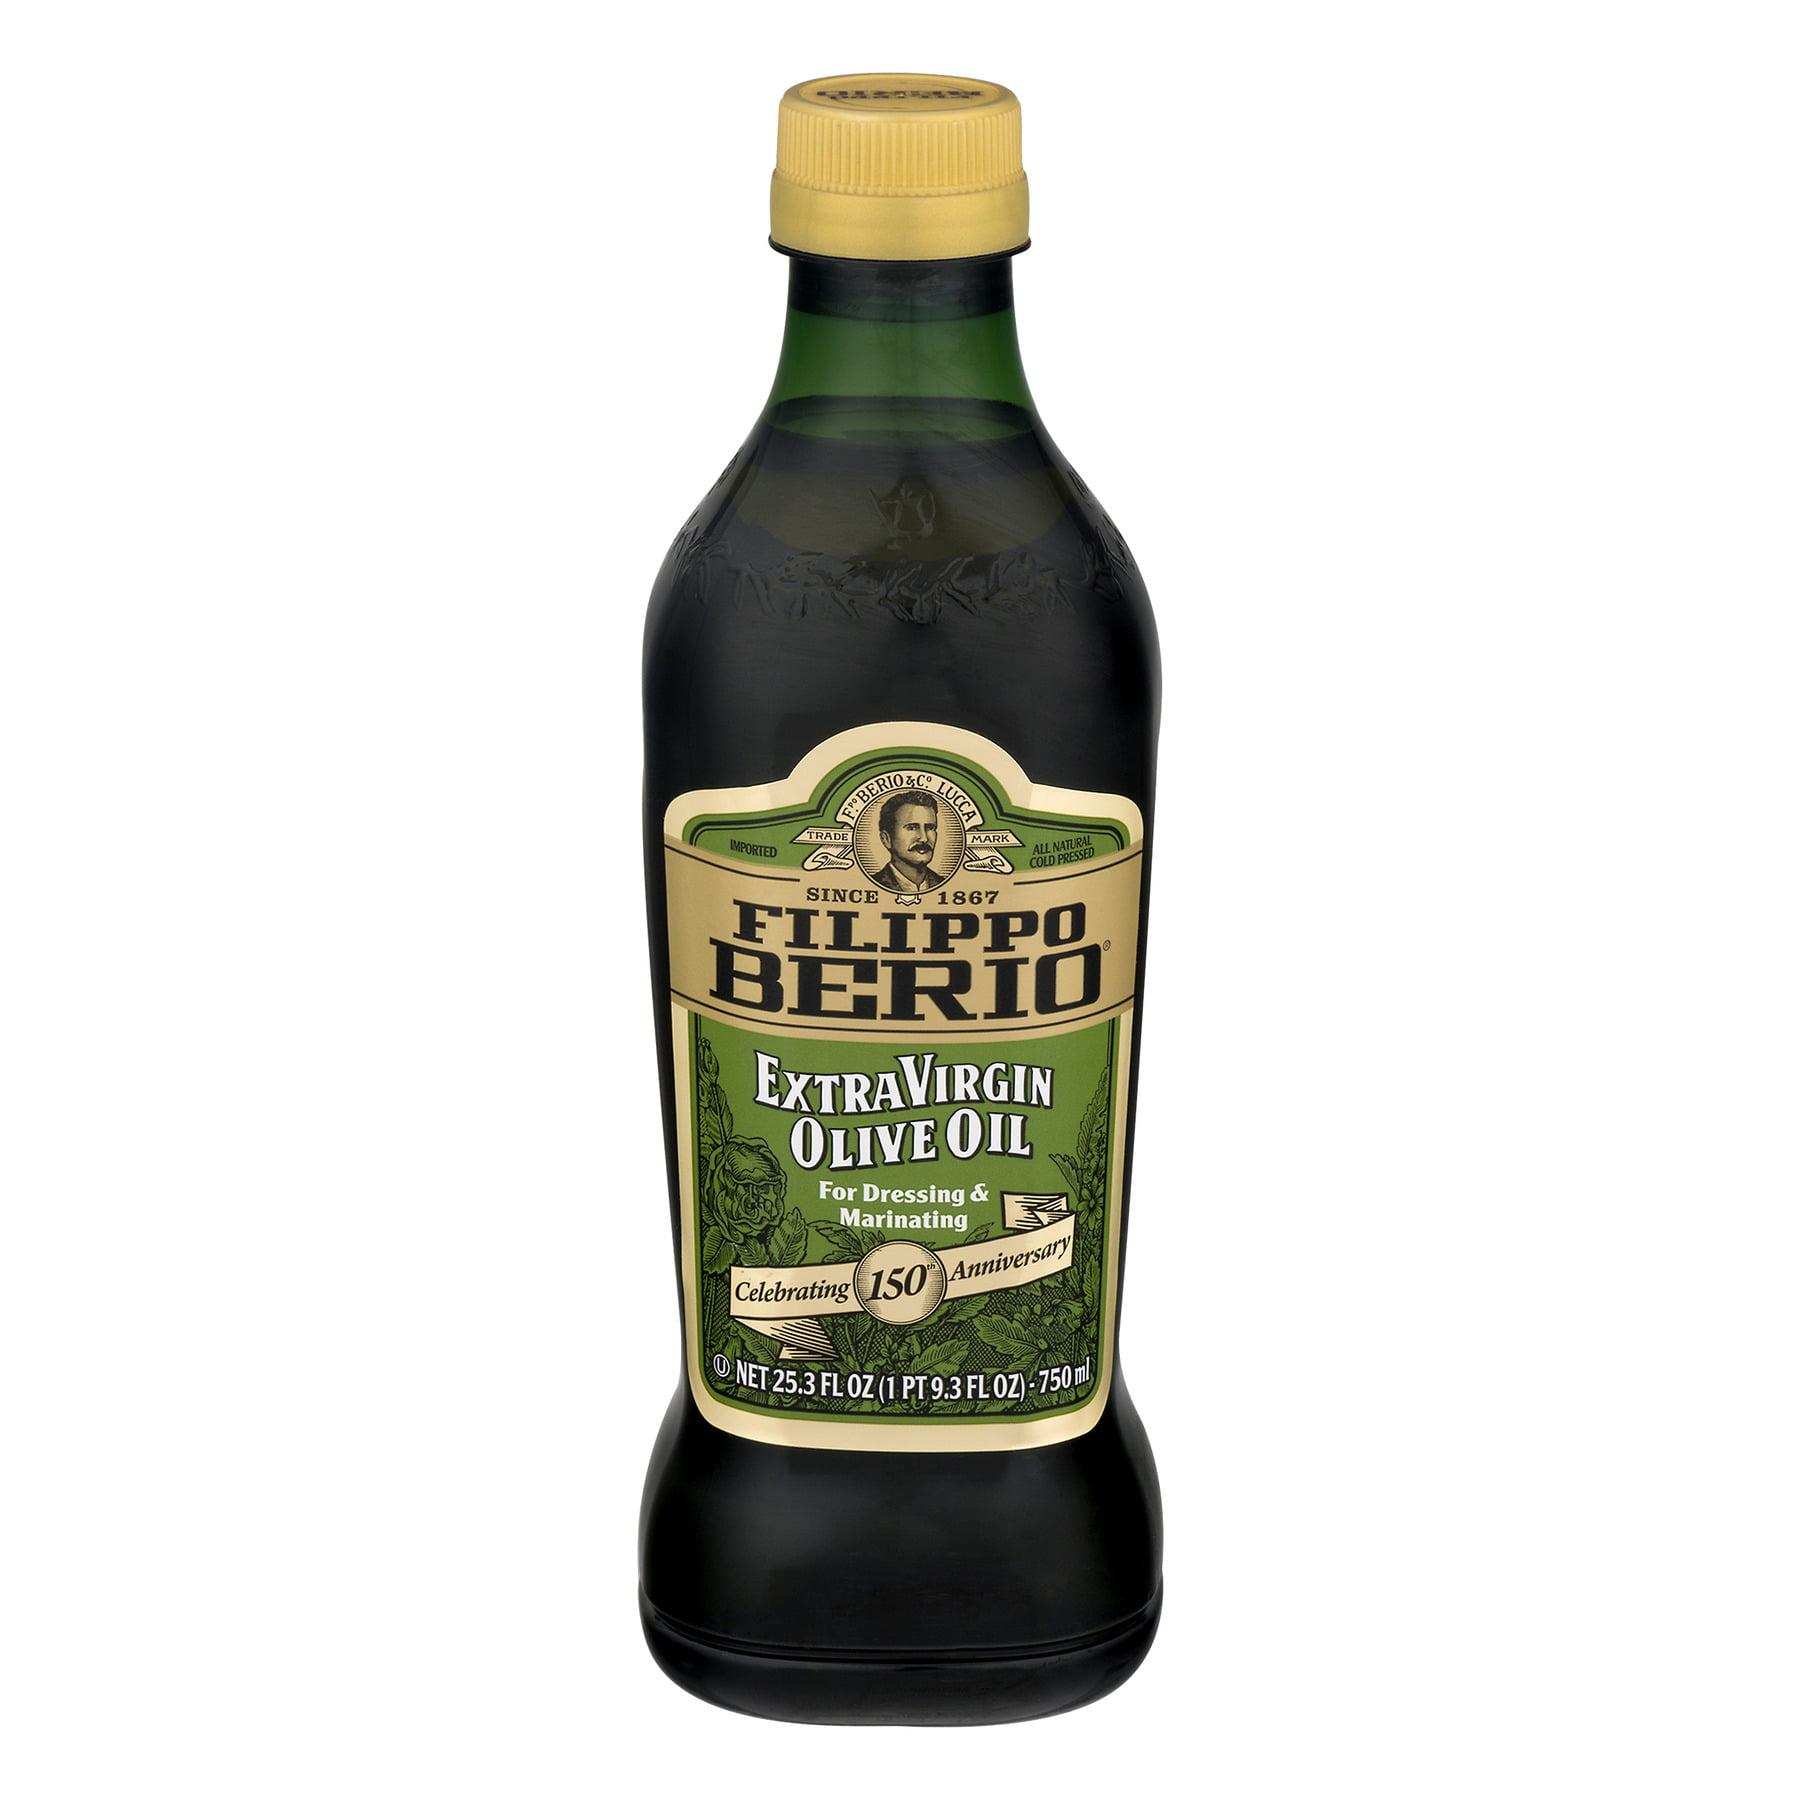 Filippo Berio Extra Virgin Olive Oil, 25.3 Fl Oz